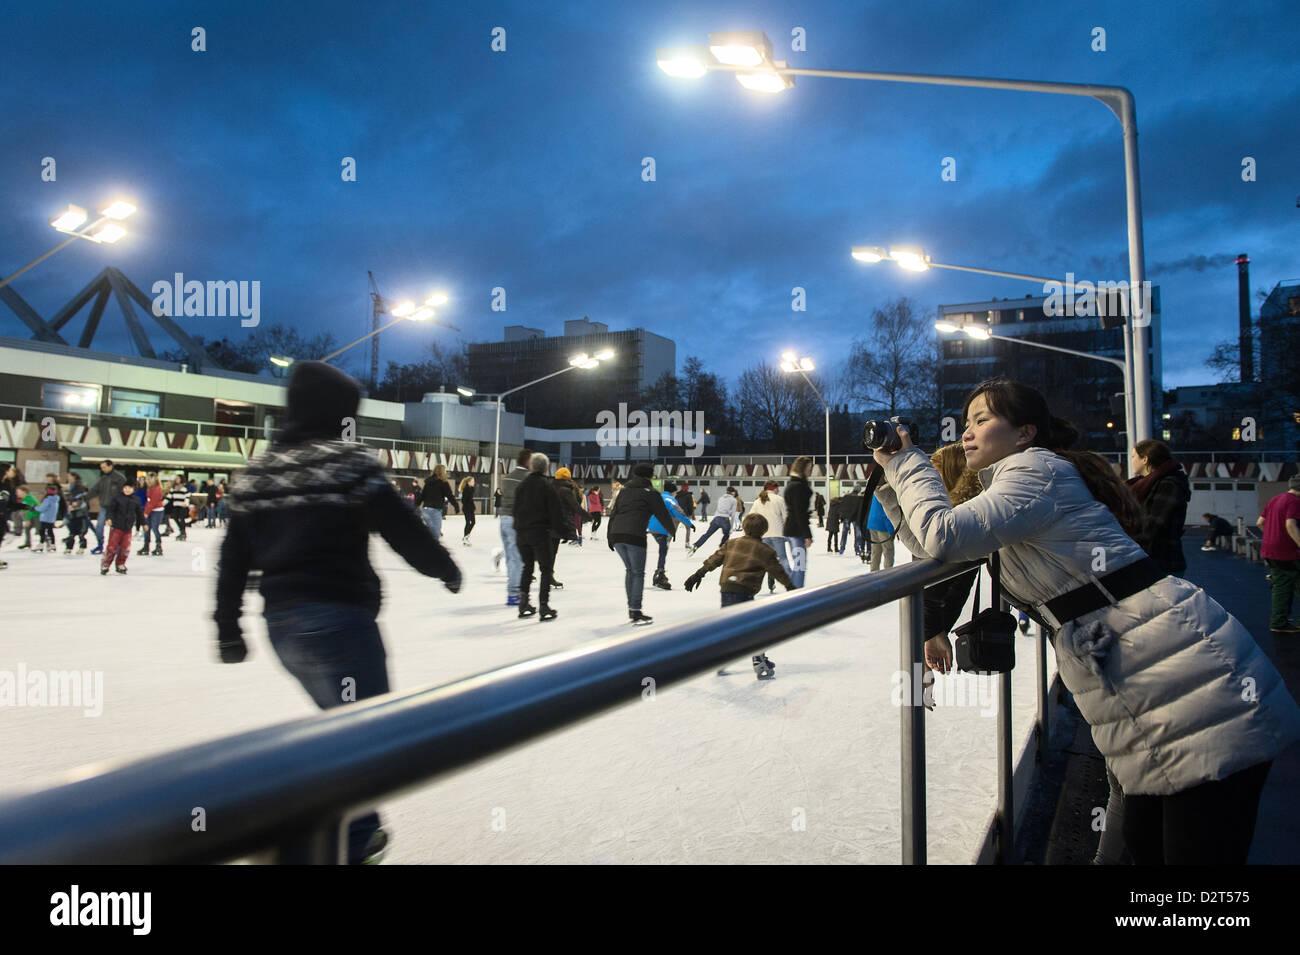 Berlín, Alemania, pista de patinaje sobre hielo en la boda de Erika Hess Imagen De Stock